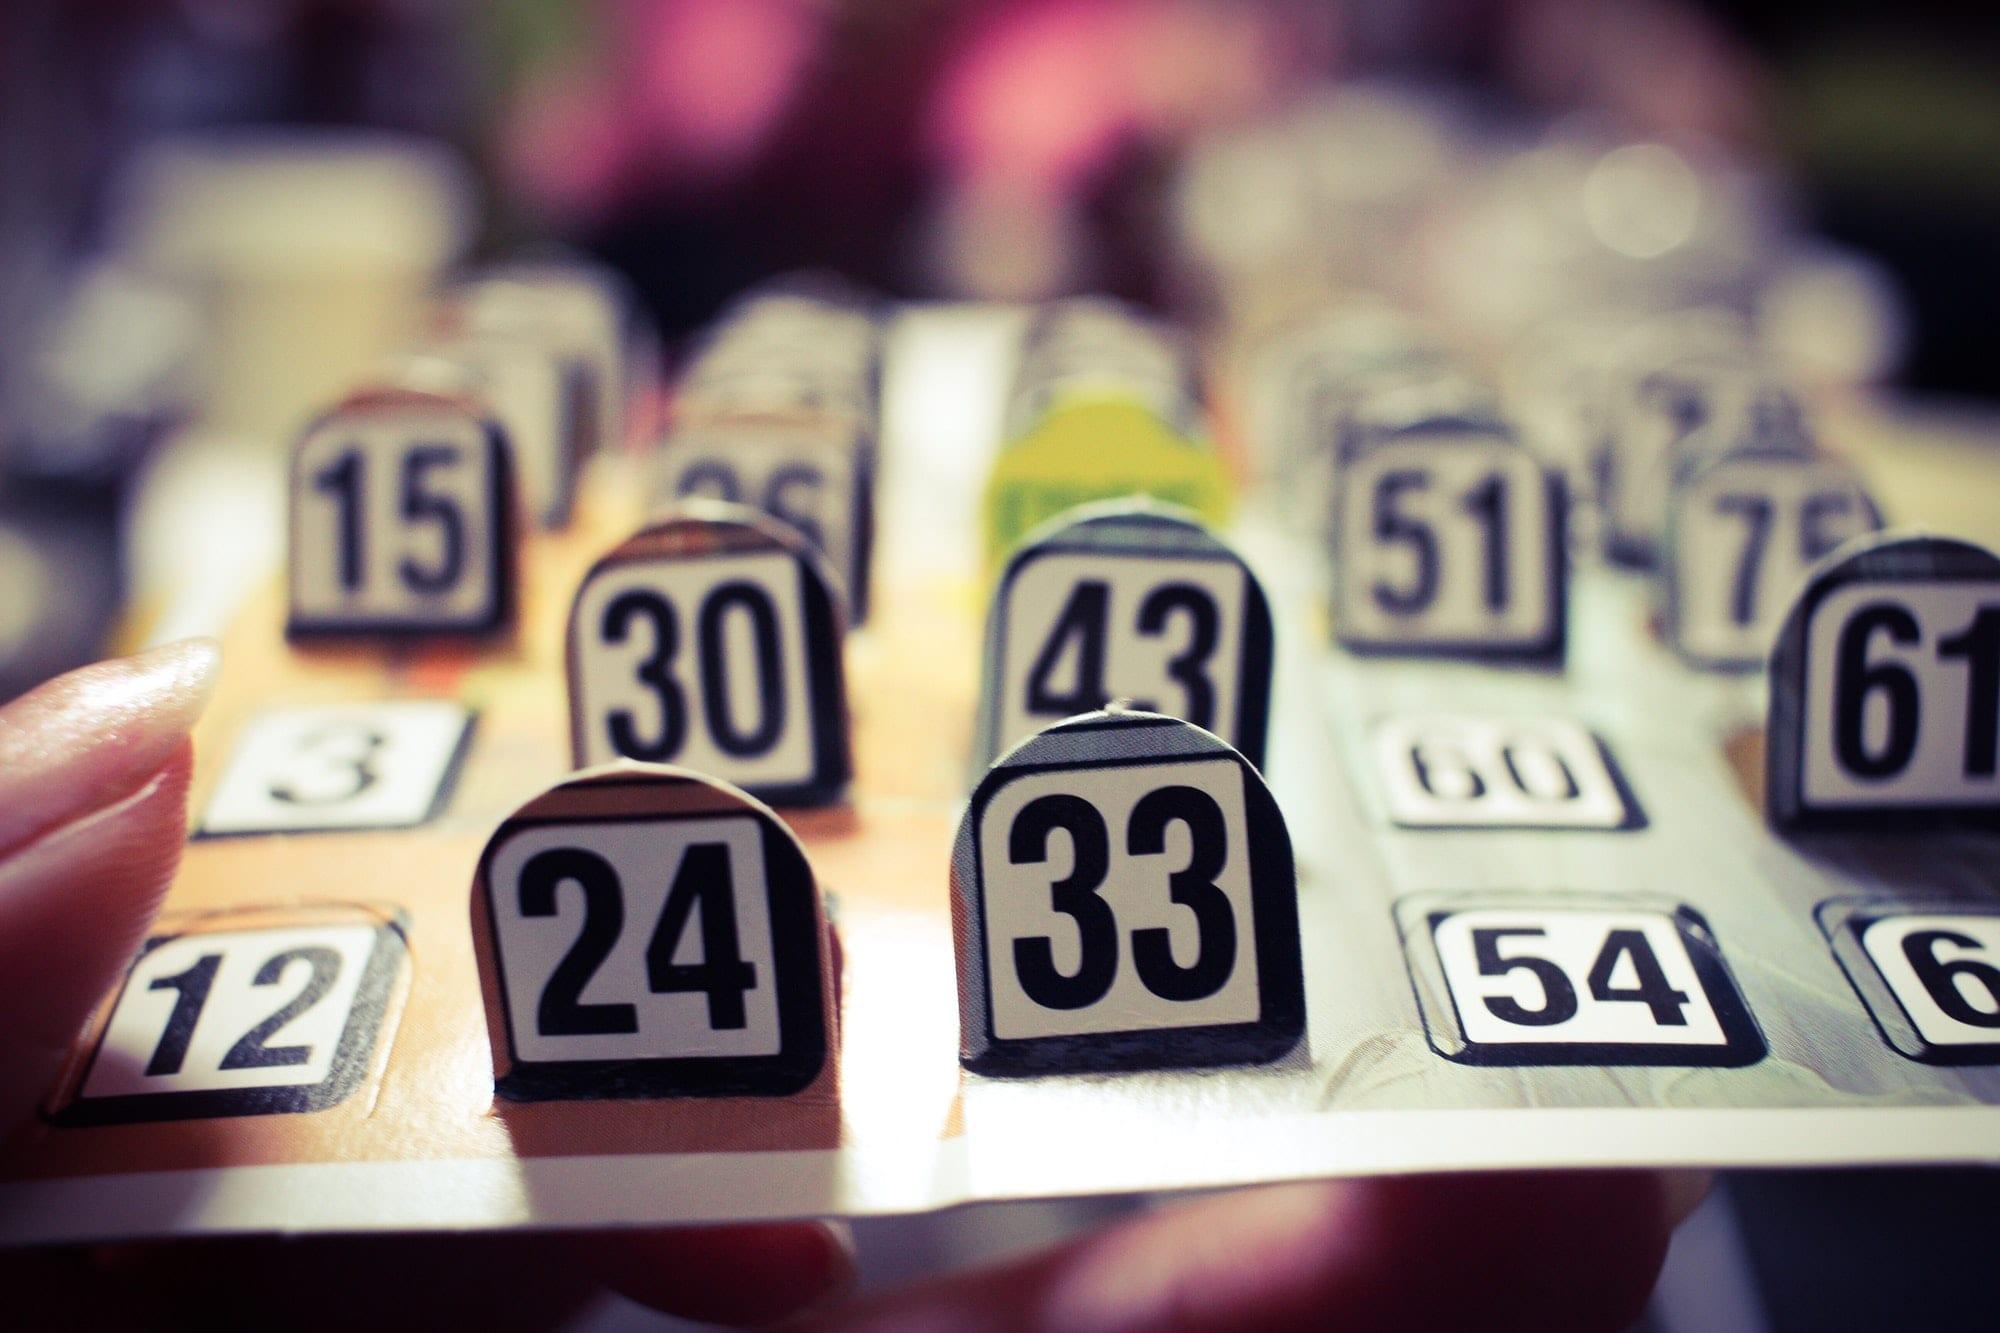 Bingo time. 😄😄😄